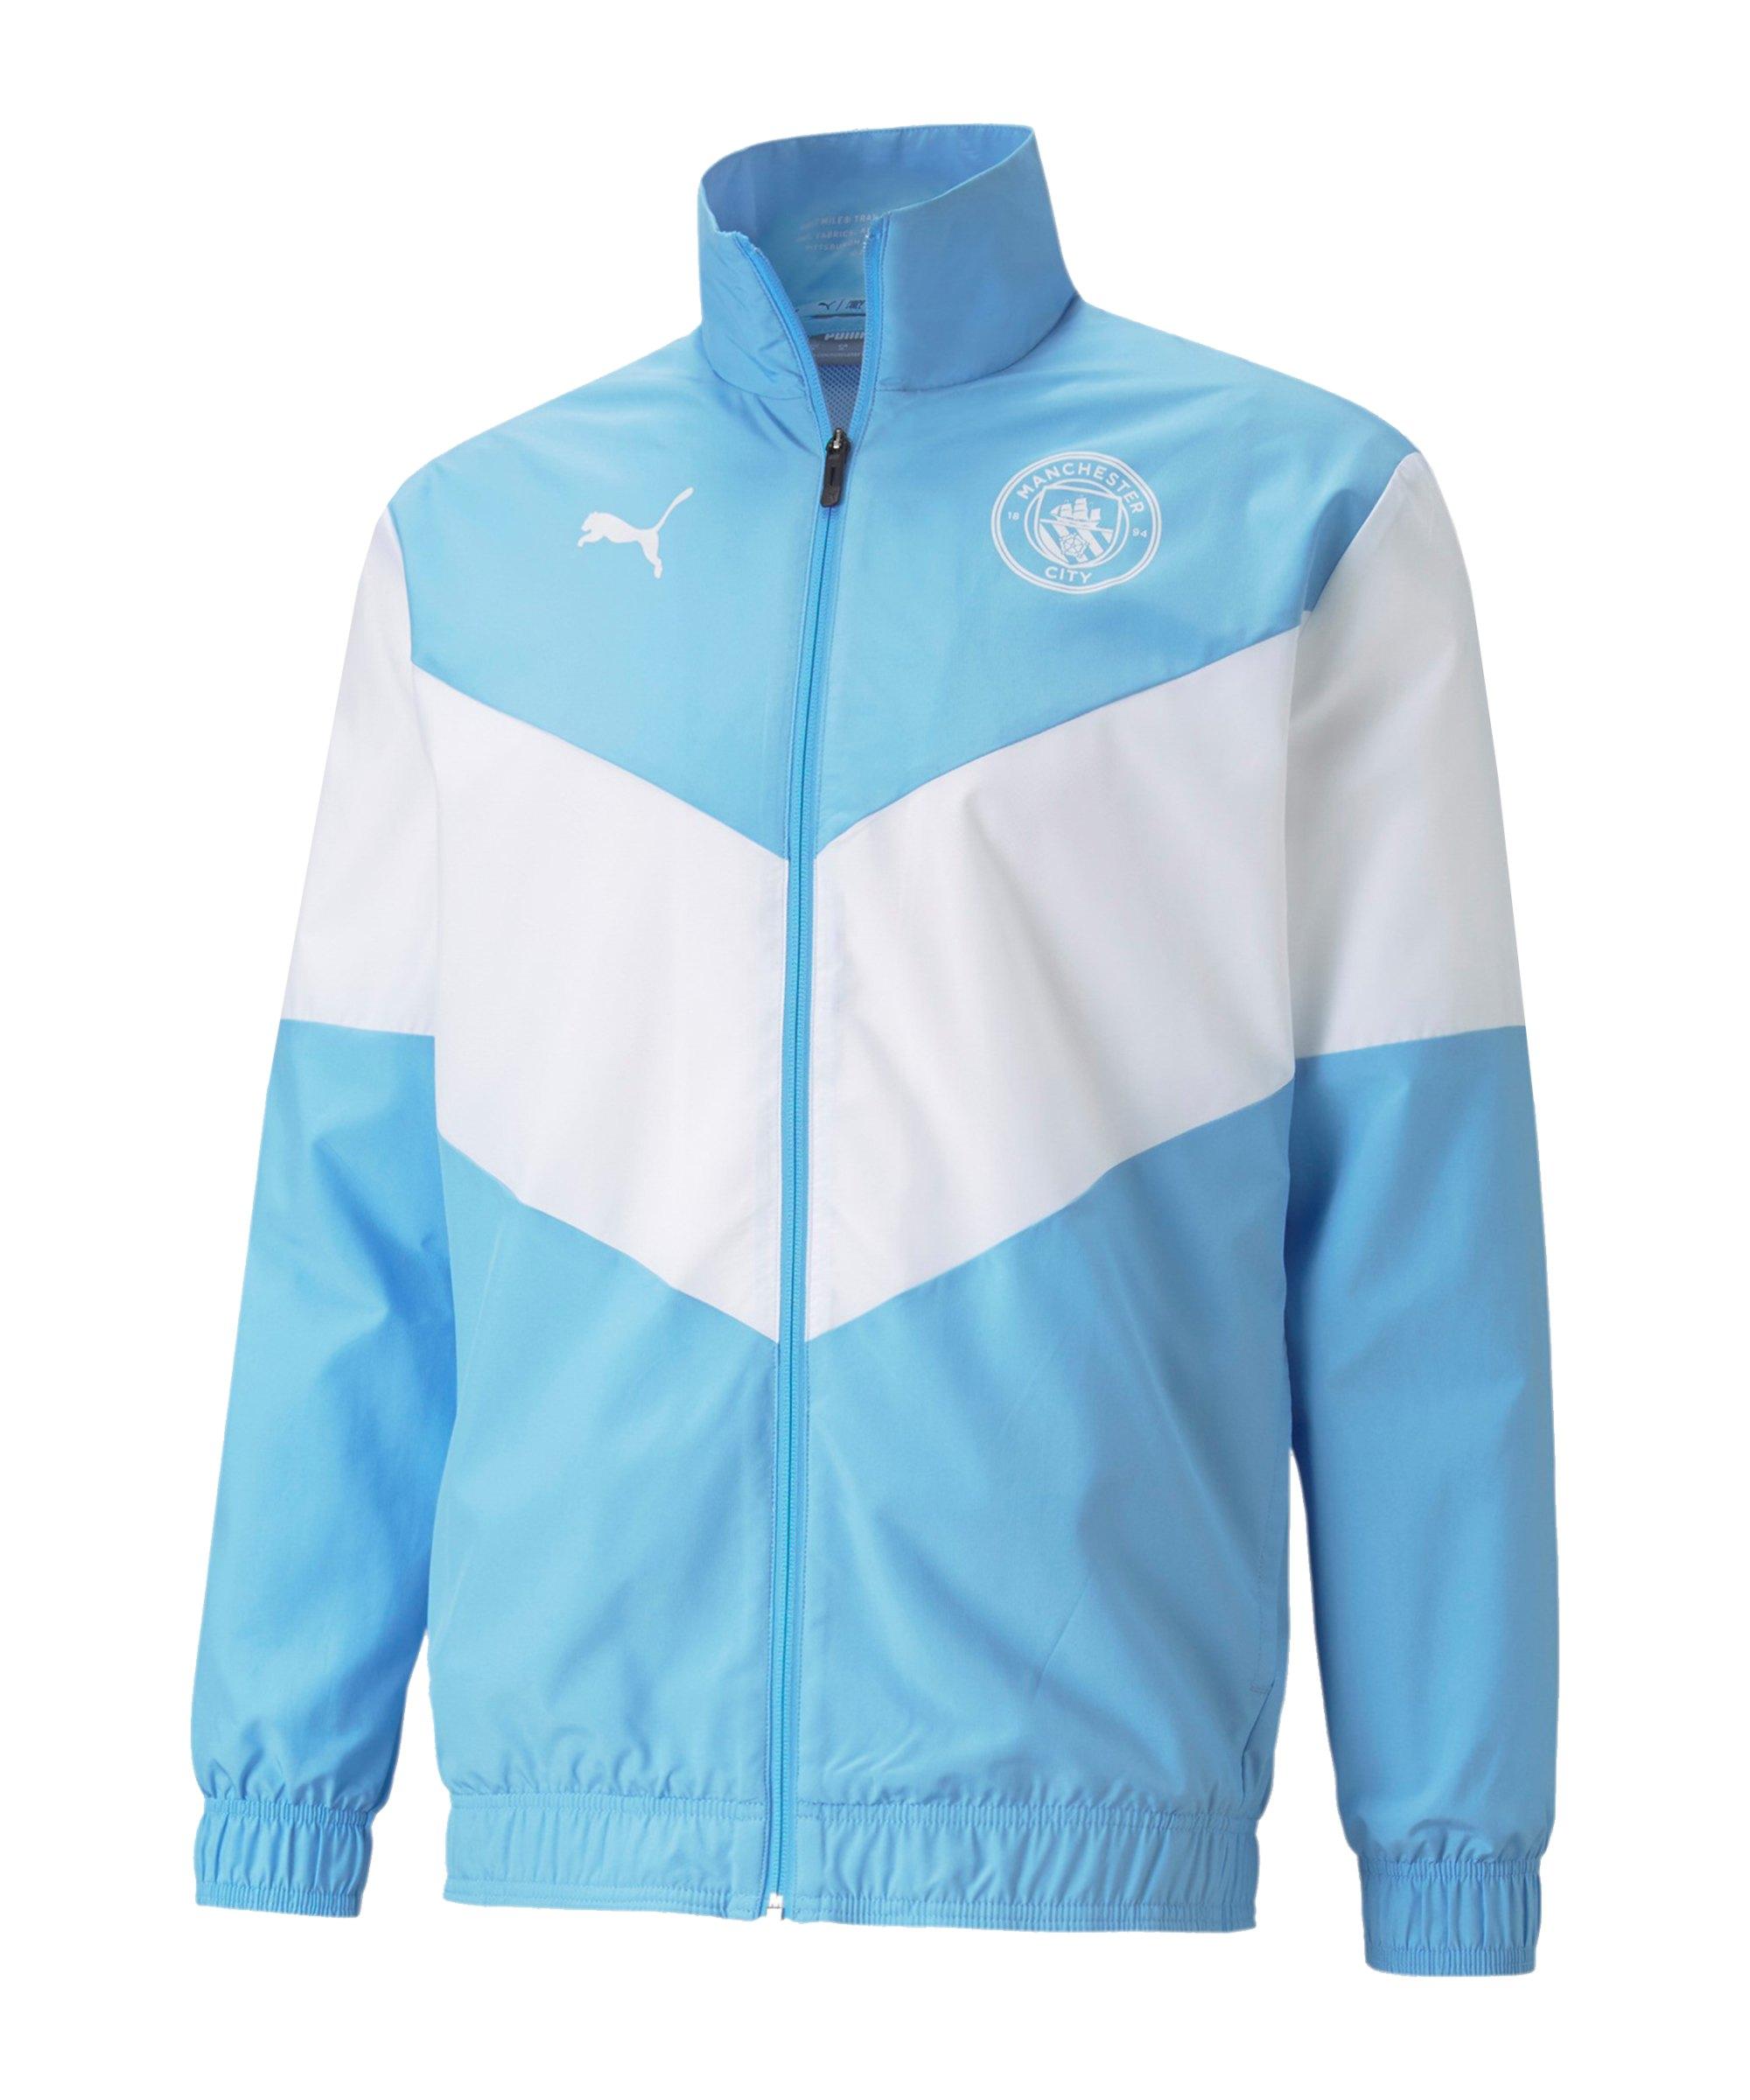 PUMA Manchester City Prematch Jacke 2021/2022 Blau F01 - blau